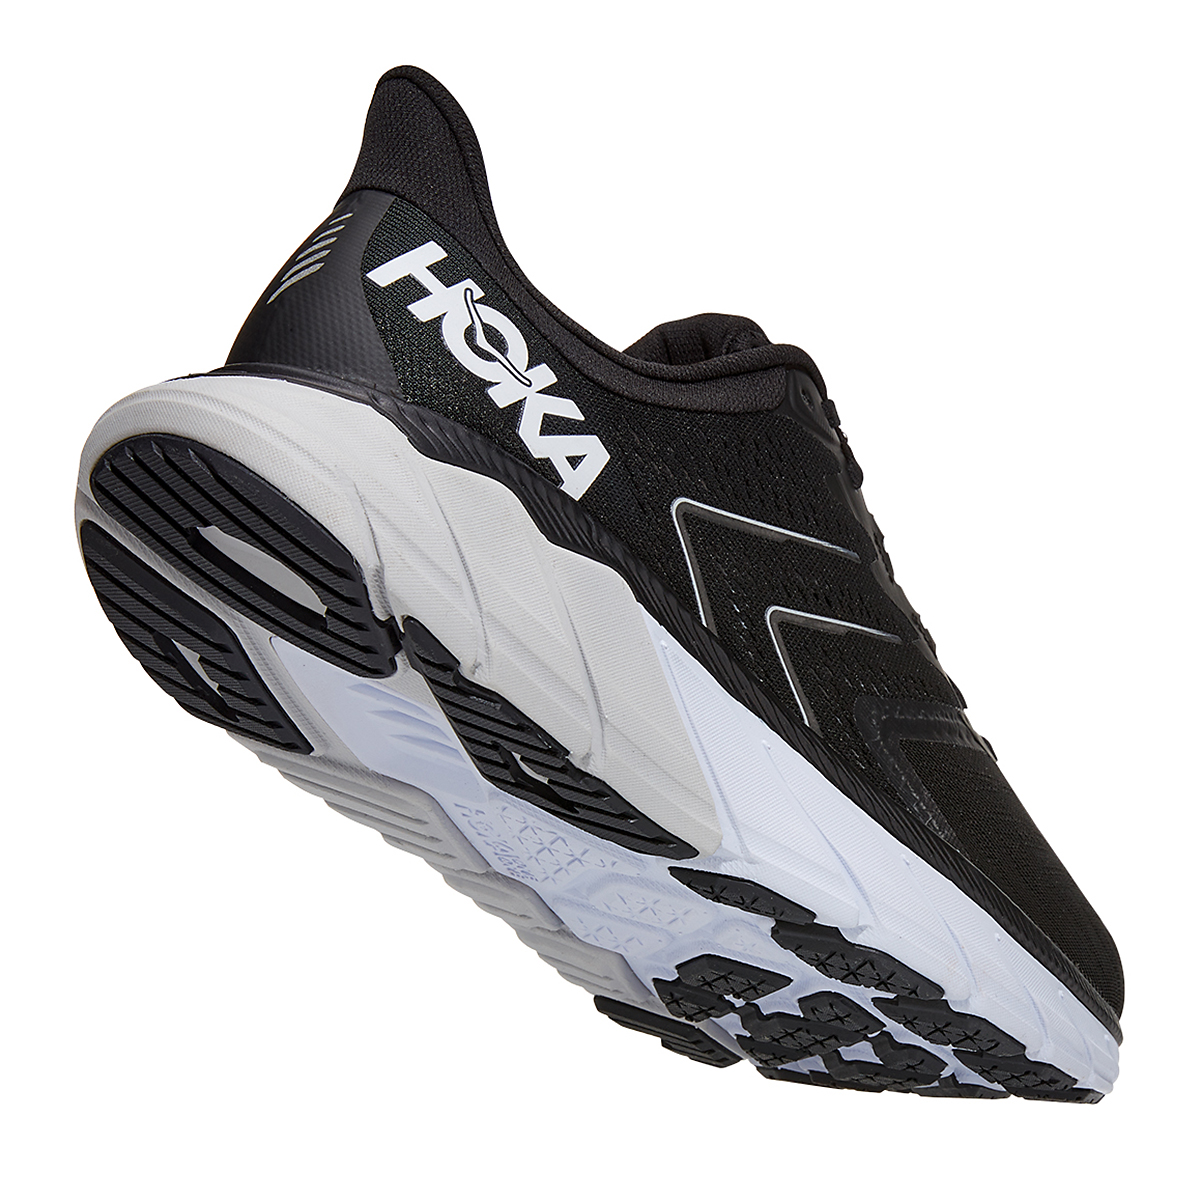 Men's Hoka One One Arahi 5 Running Shoe, , large, image 6